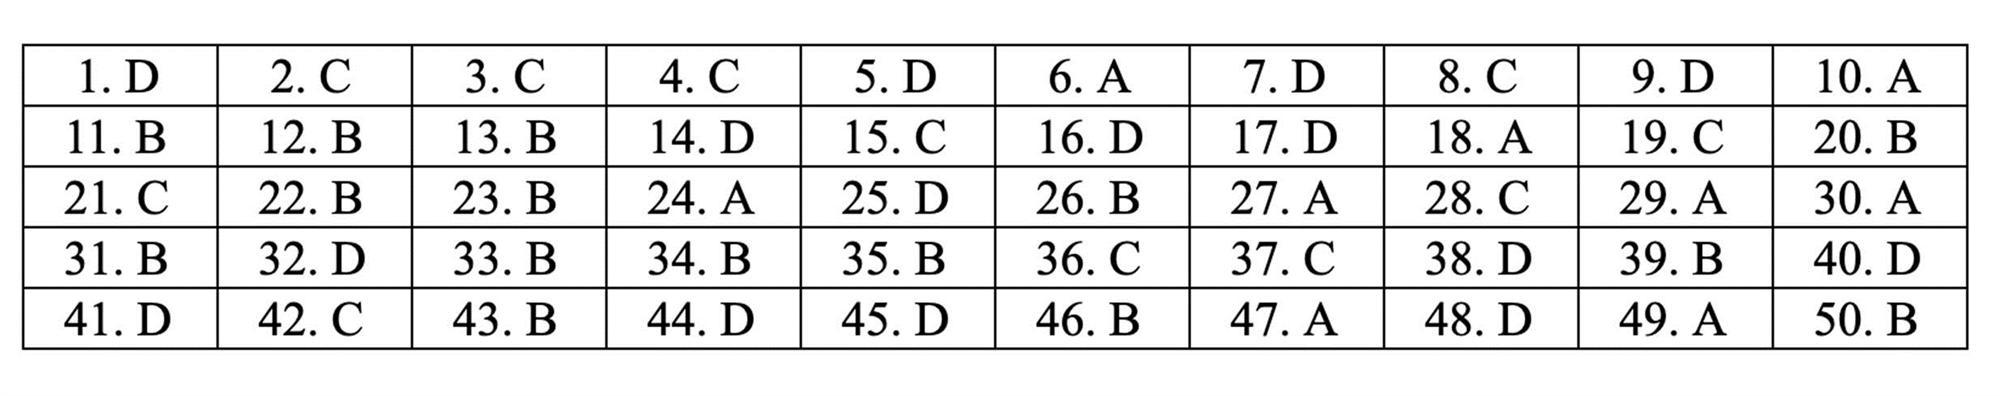 Đáp án tham khảo môn Toán thi THPT quốc gia 2019 tất cả mã đề-15